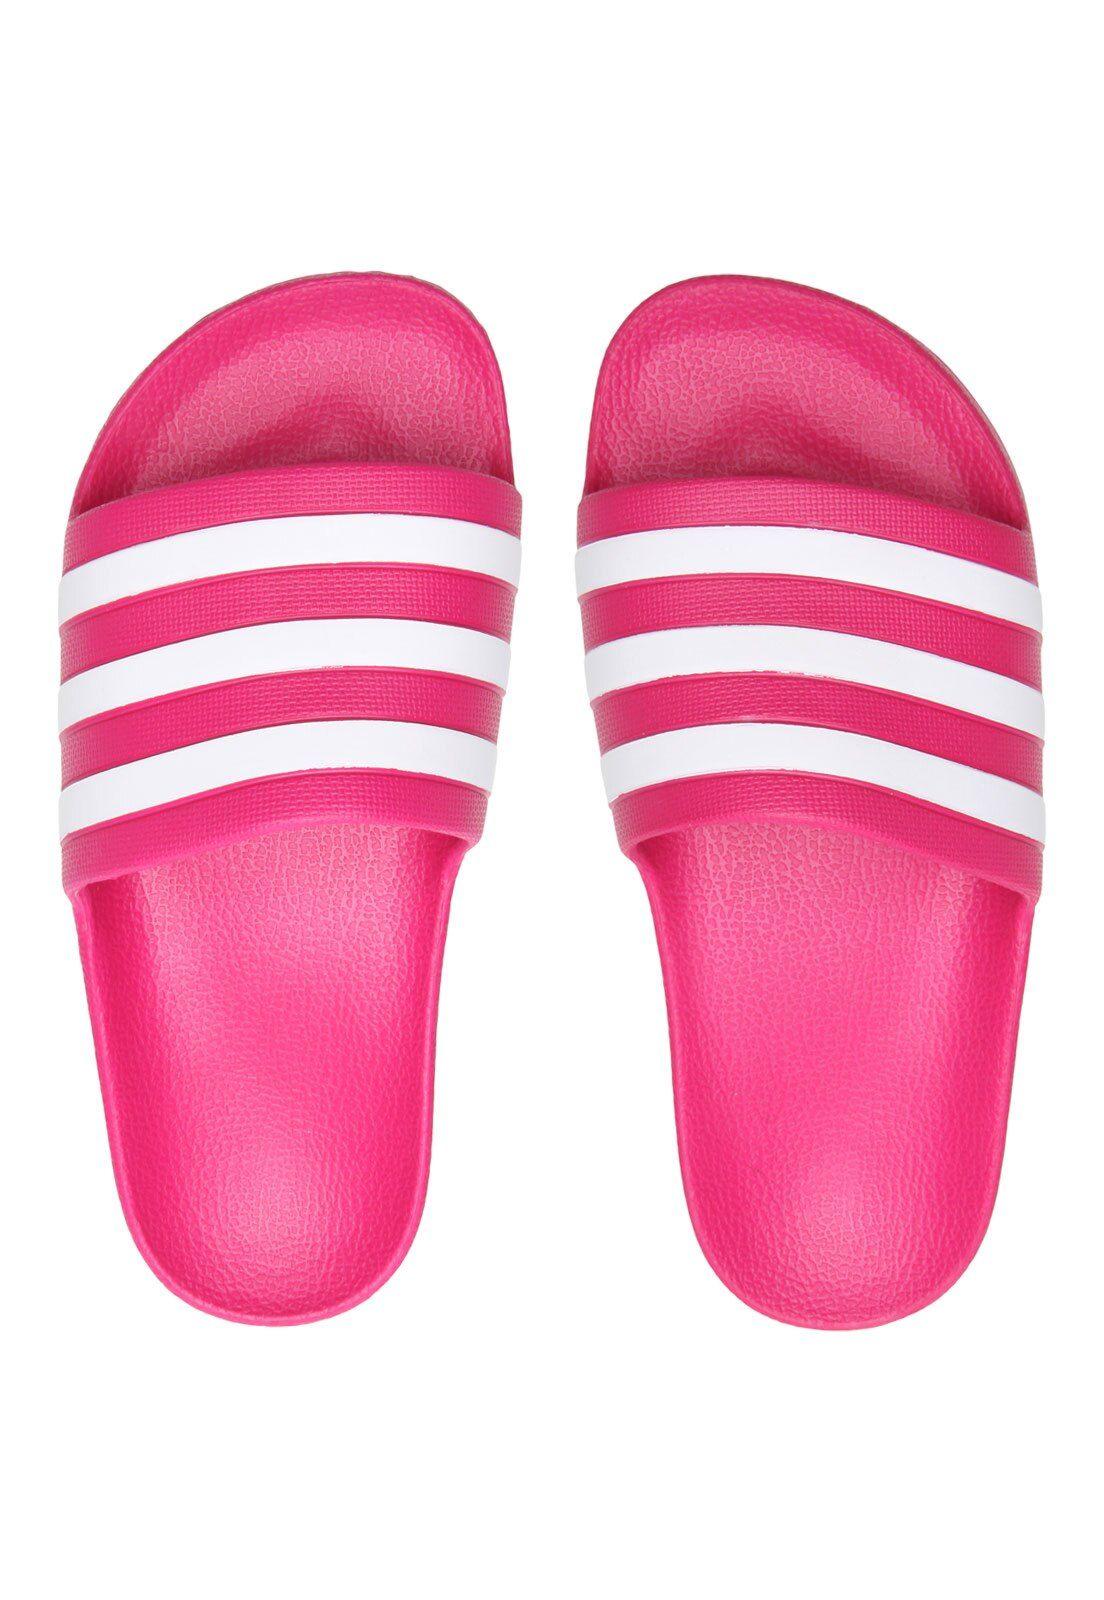 chinelo adidas rosa mercado livre